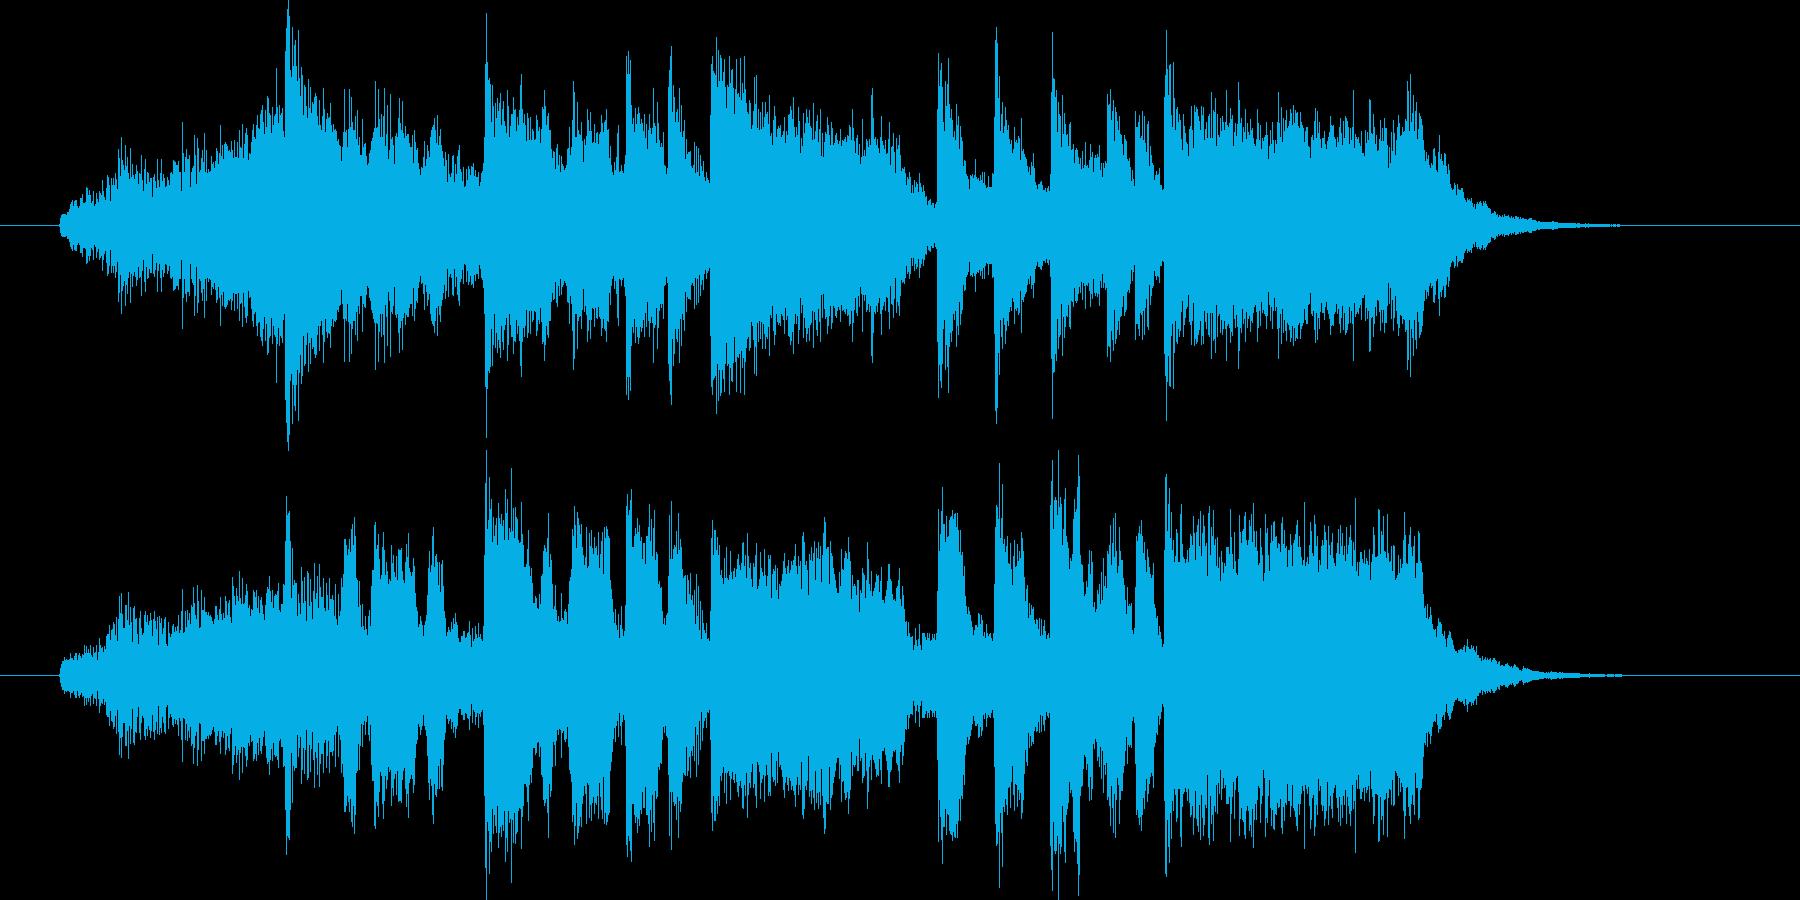 盛大で明るいシンセサイザーサウンドの再生済みの波形